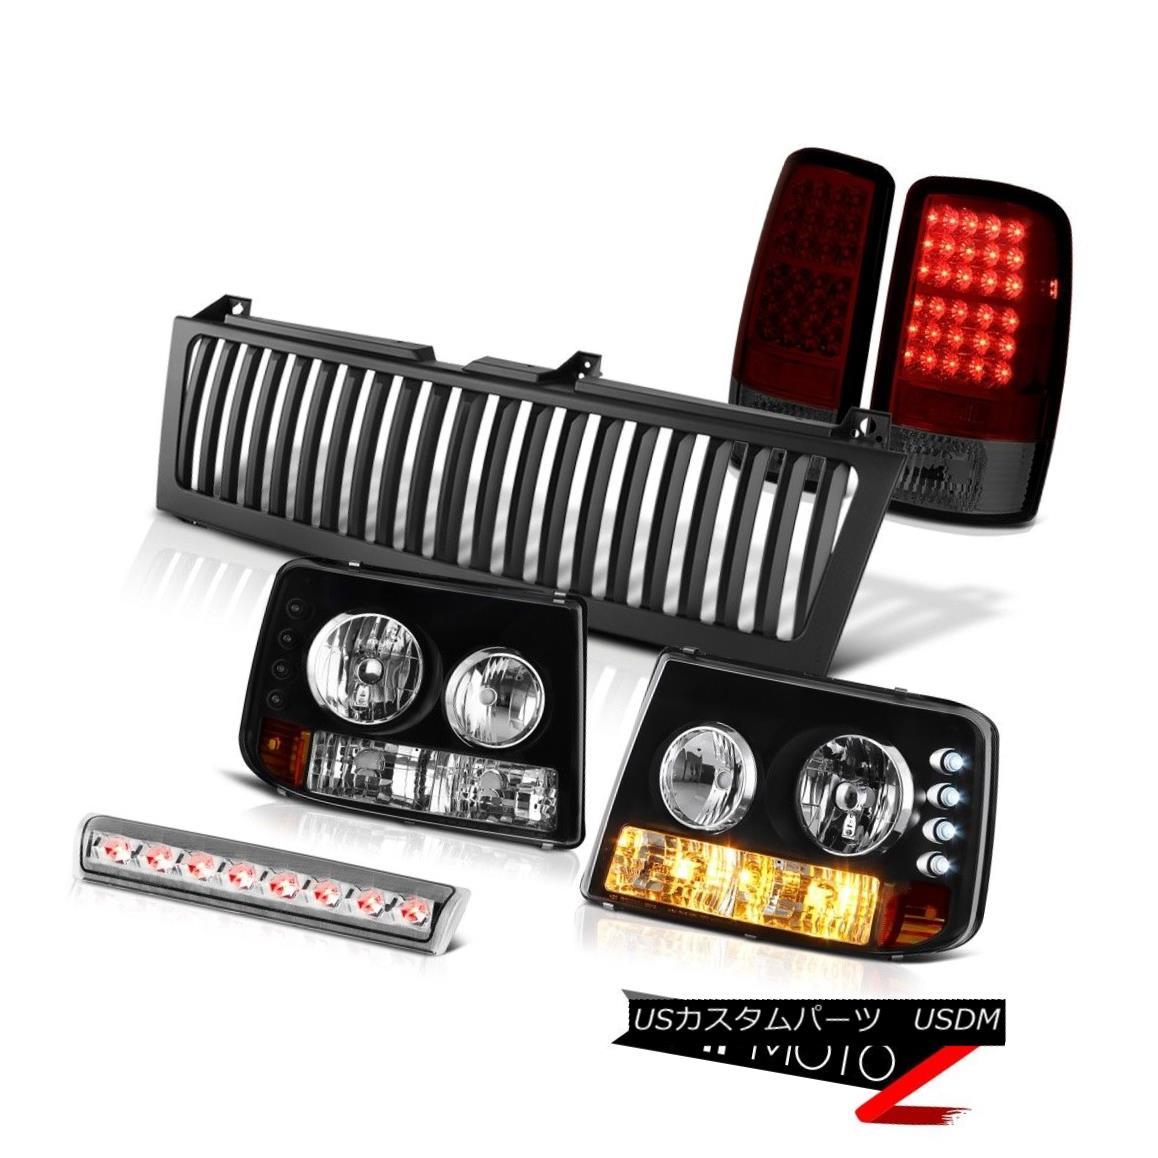 テールライト Bumper+Headlights LED Tail Lights Third Brake Black Grille 00-06 Suburban 5.7 バンパー+ヘッドリッグ hts LEDテールライトサードブレーキブラックグリル00-06郊外5.7